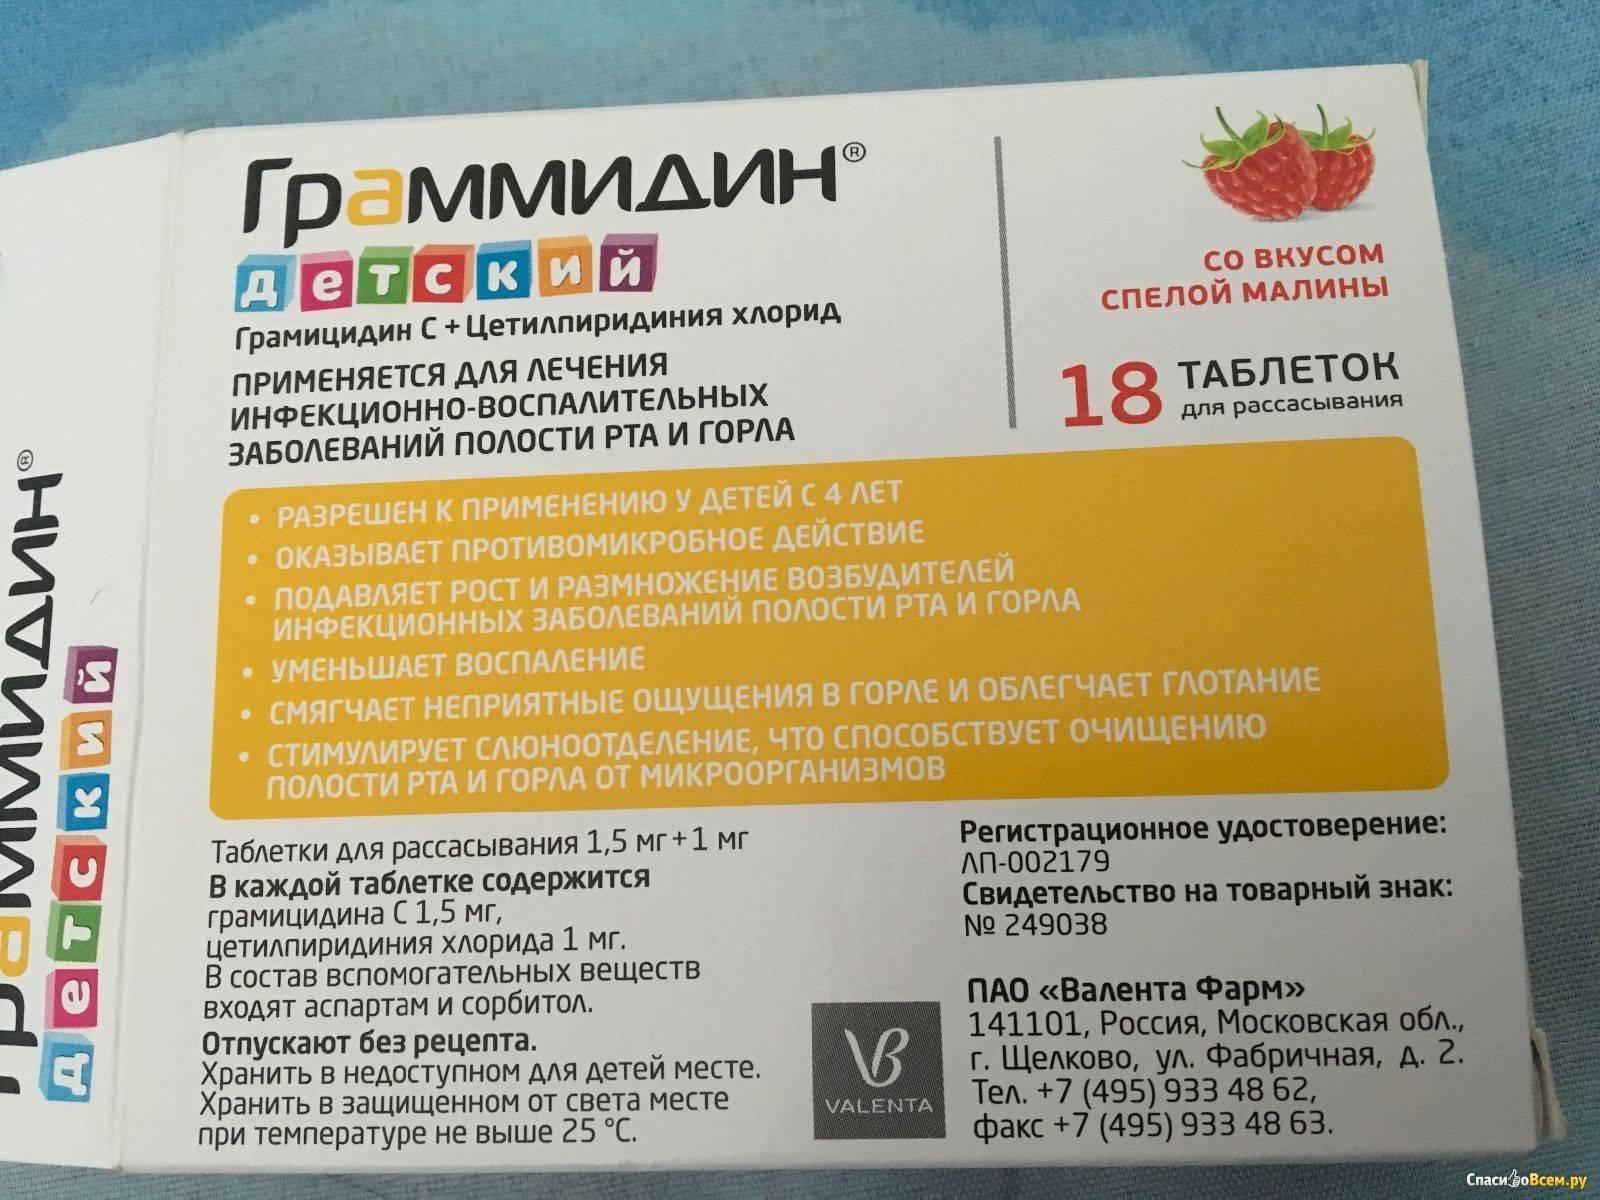 Таблетки от боли в горле для рассасывания. недорогие, список, цены